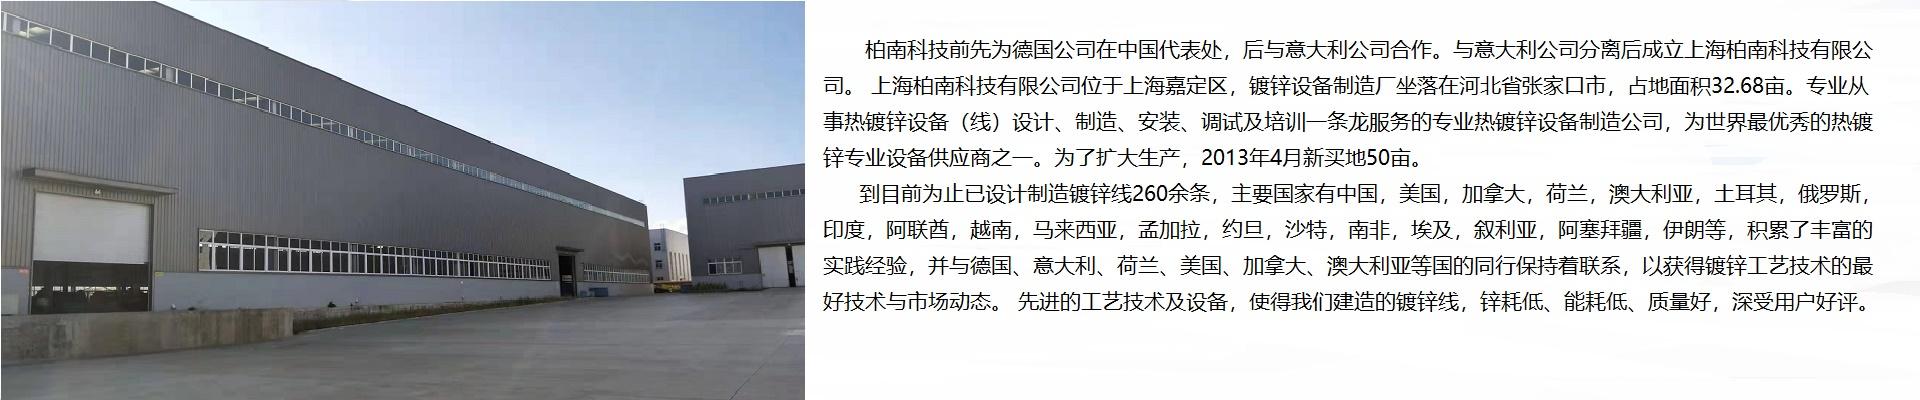 上海柏南科技有限公司